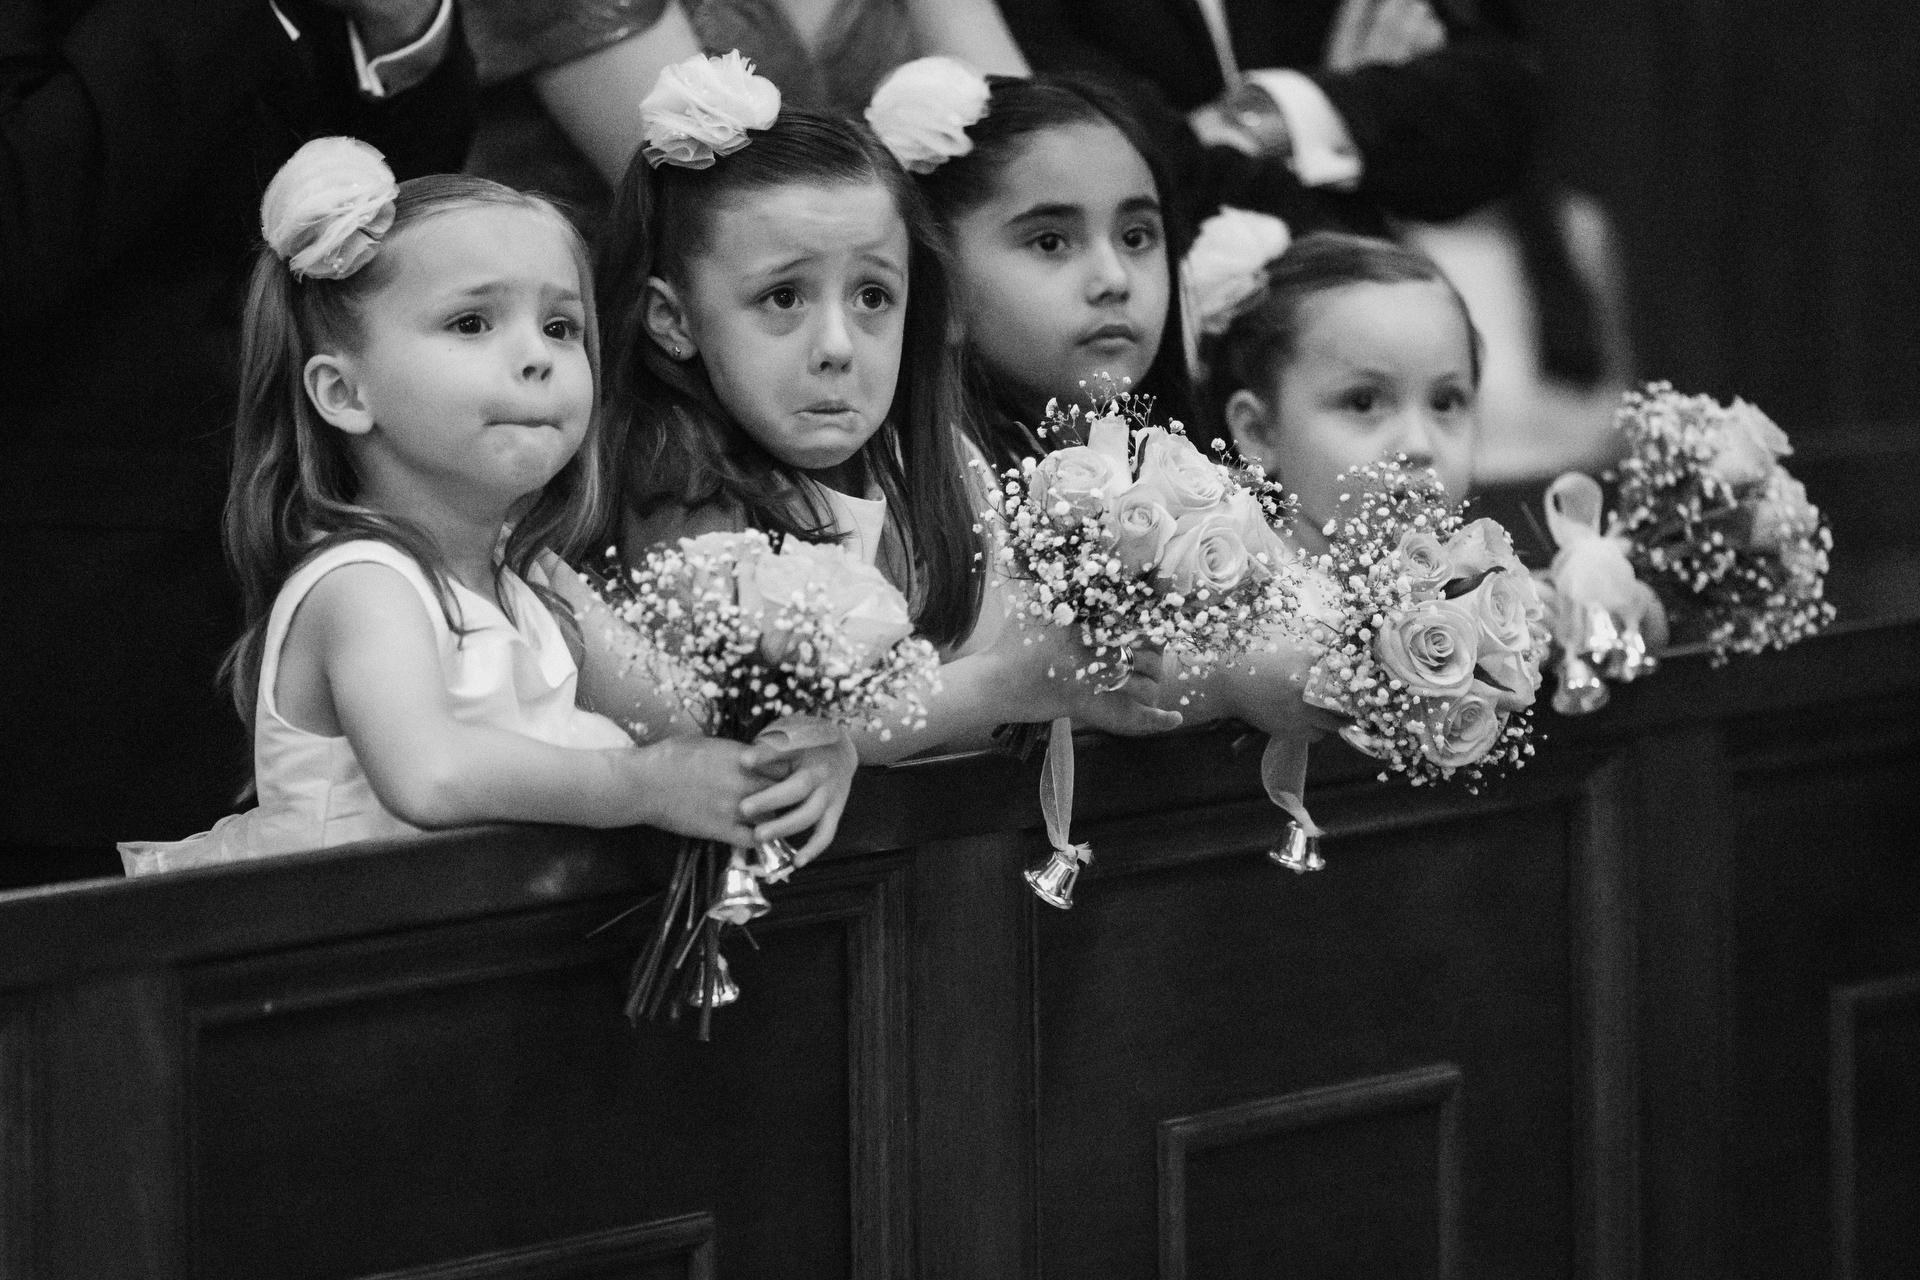 wedding photojournalism, kids at wedding